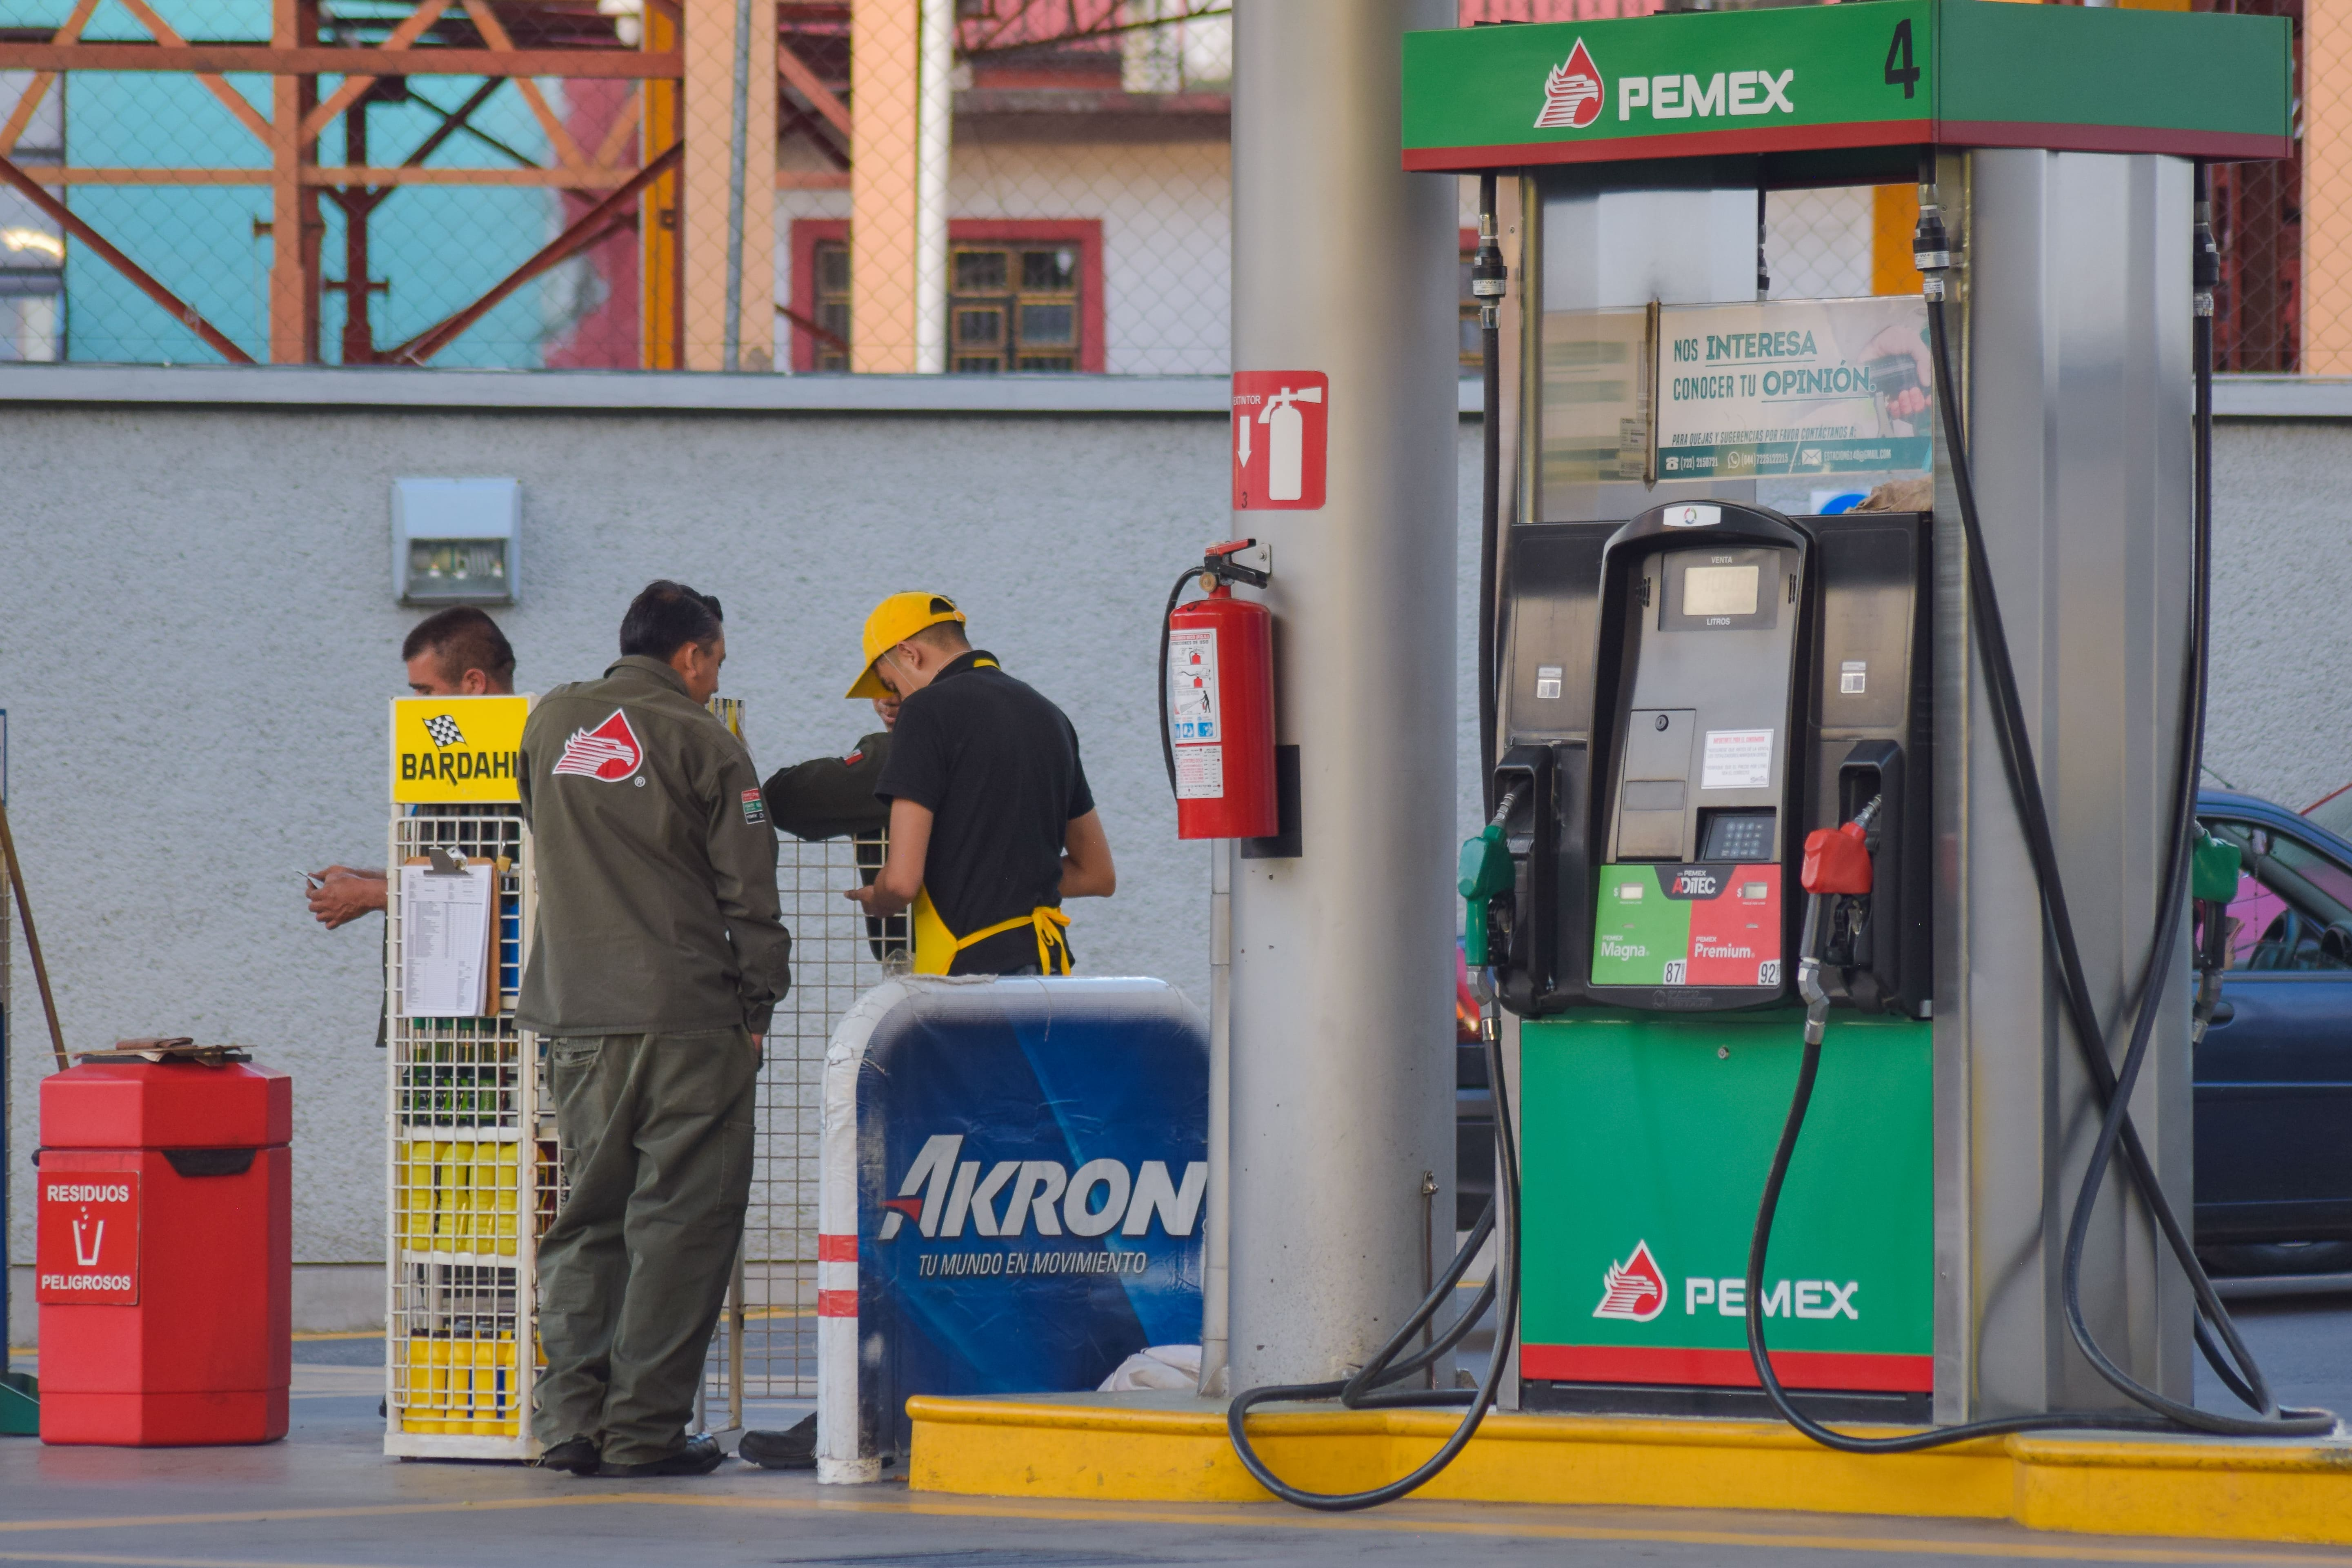 La-gasolina-más-barata-de-todo-Toluca-y-Metepec